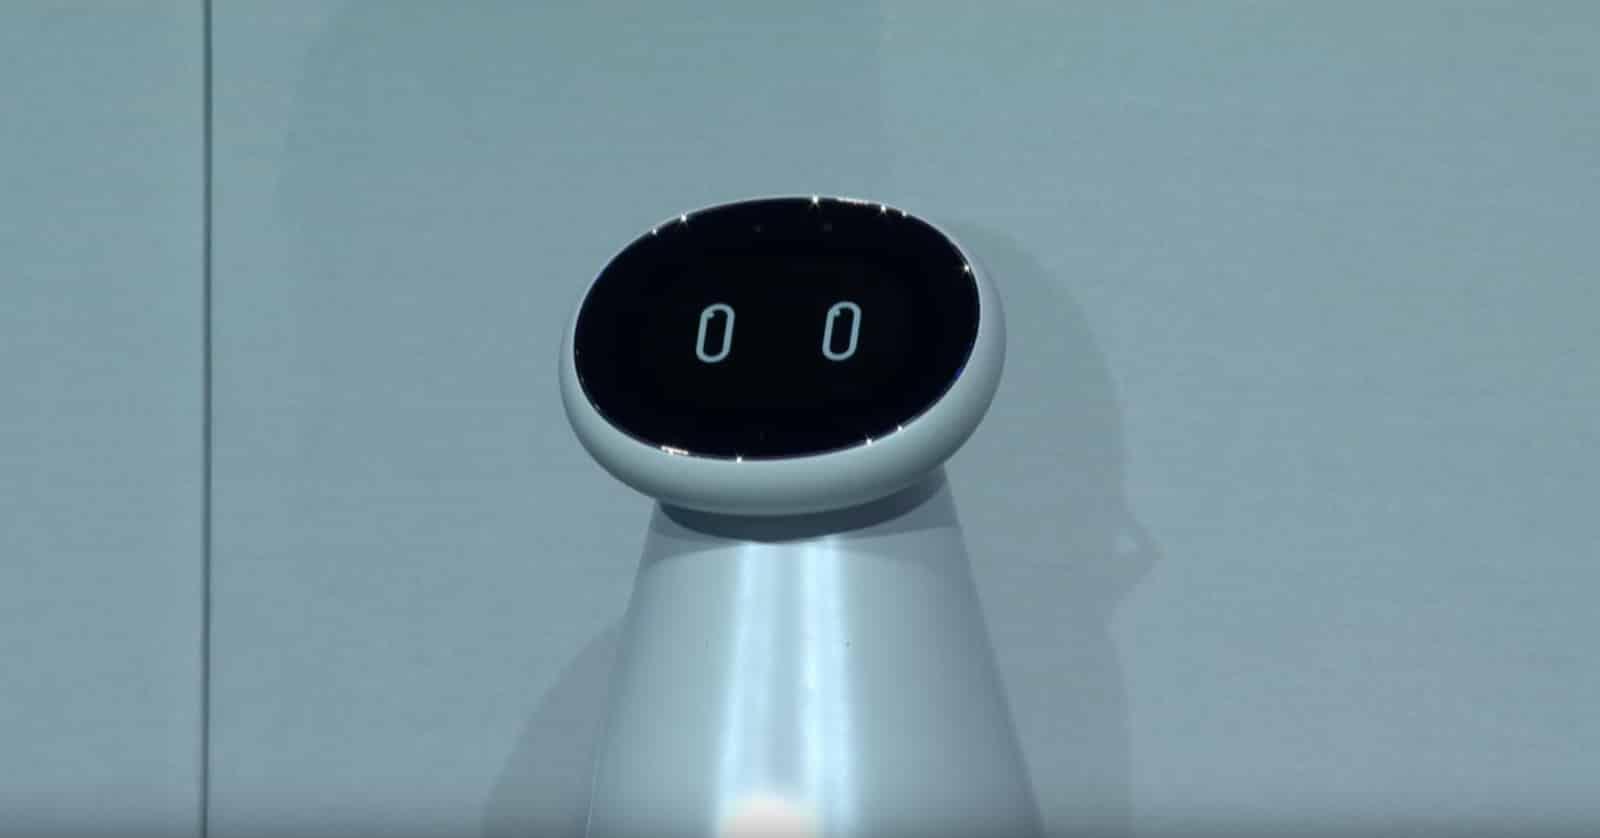 CES 2019 Robots